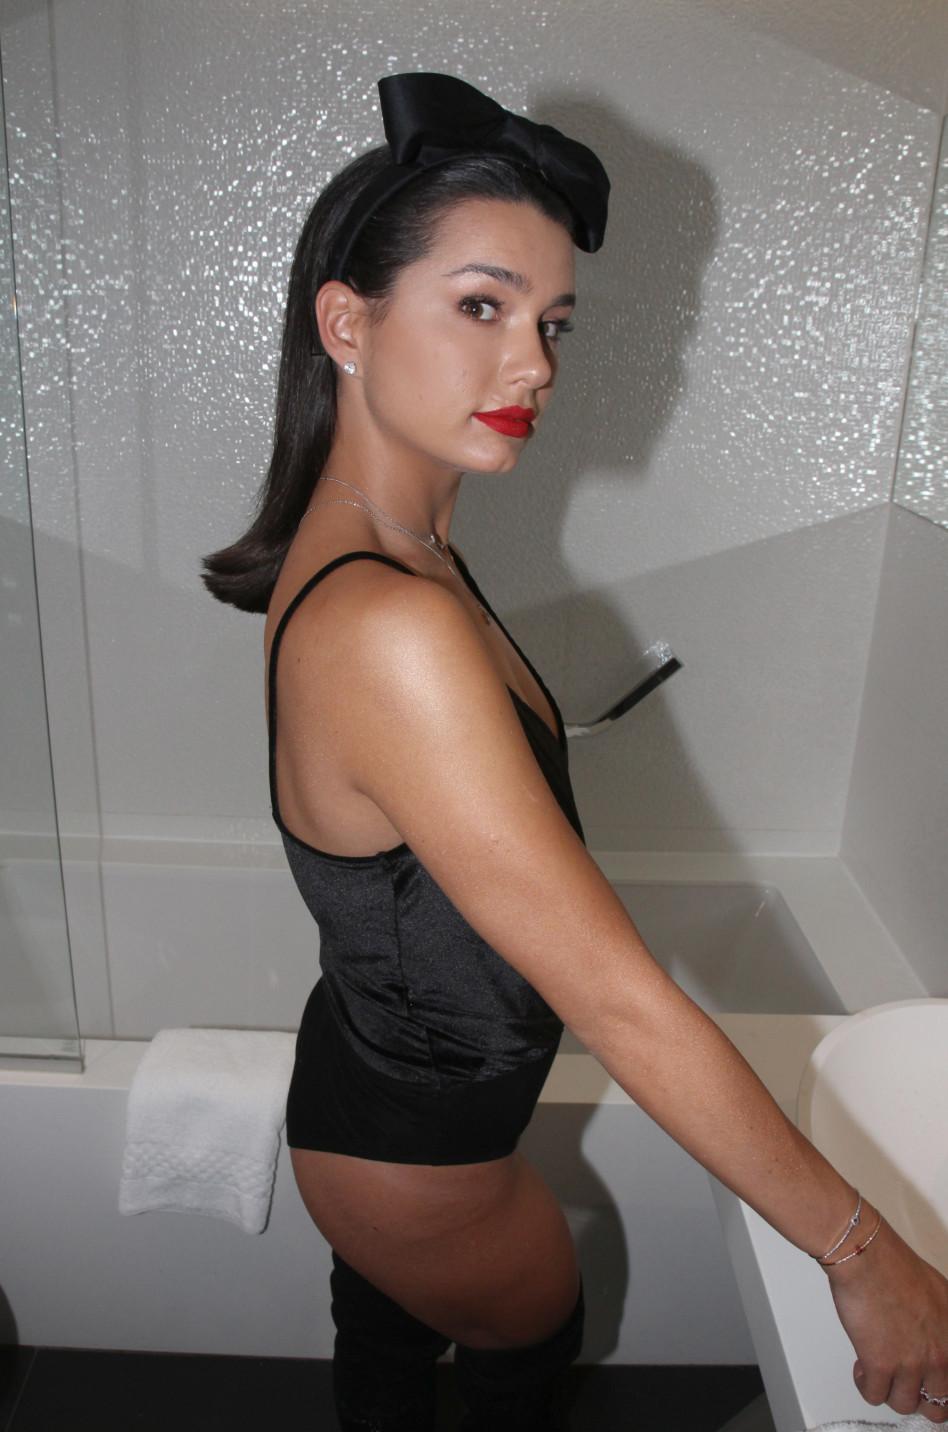 ועכשיו באמבטיה...